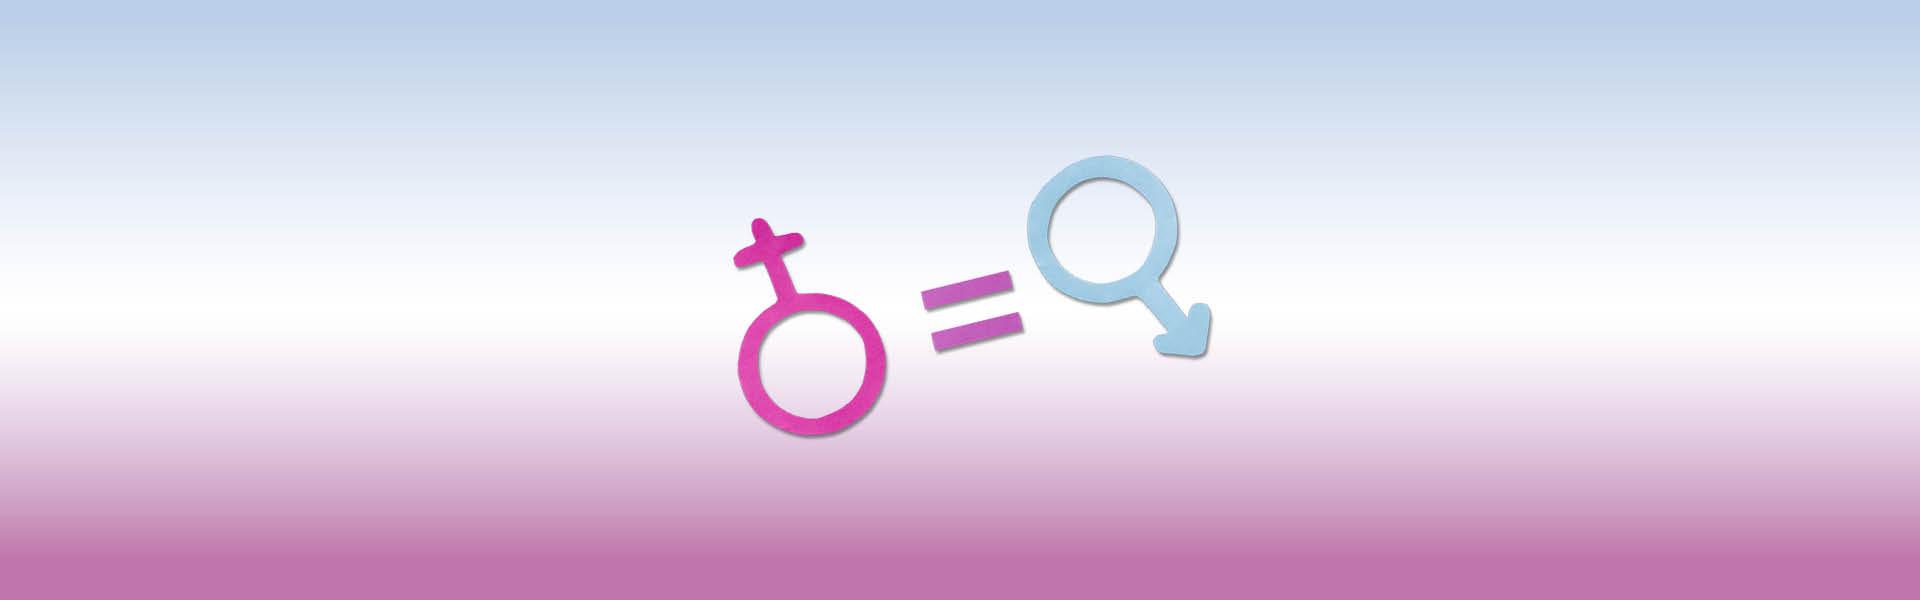 transkønnethed hos børn og unge